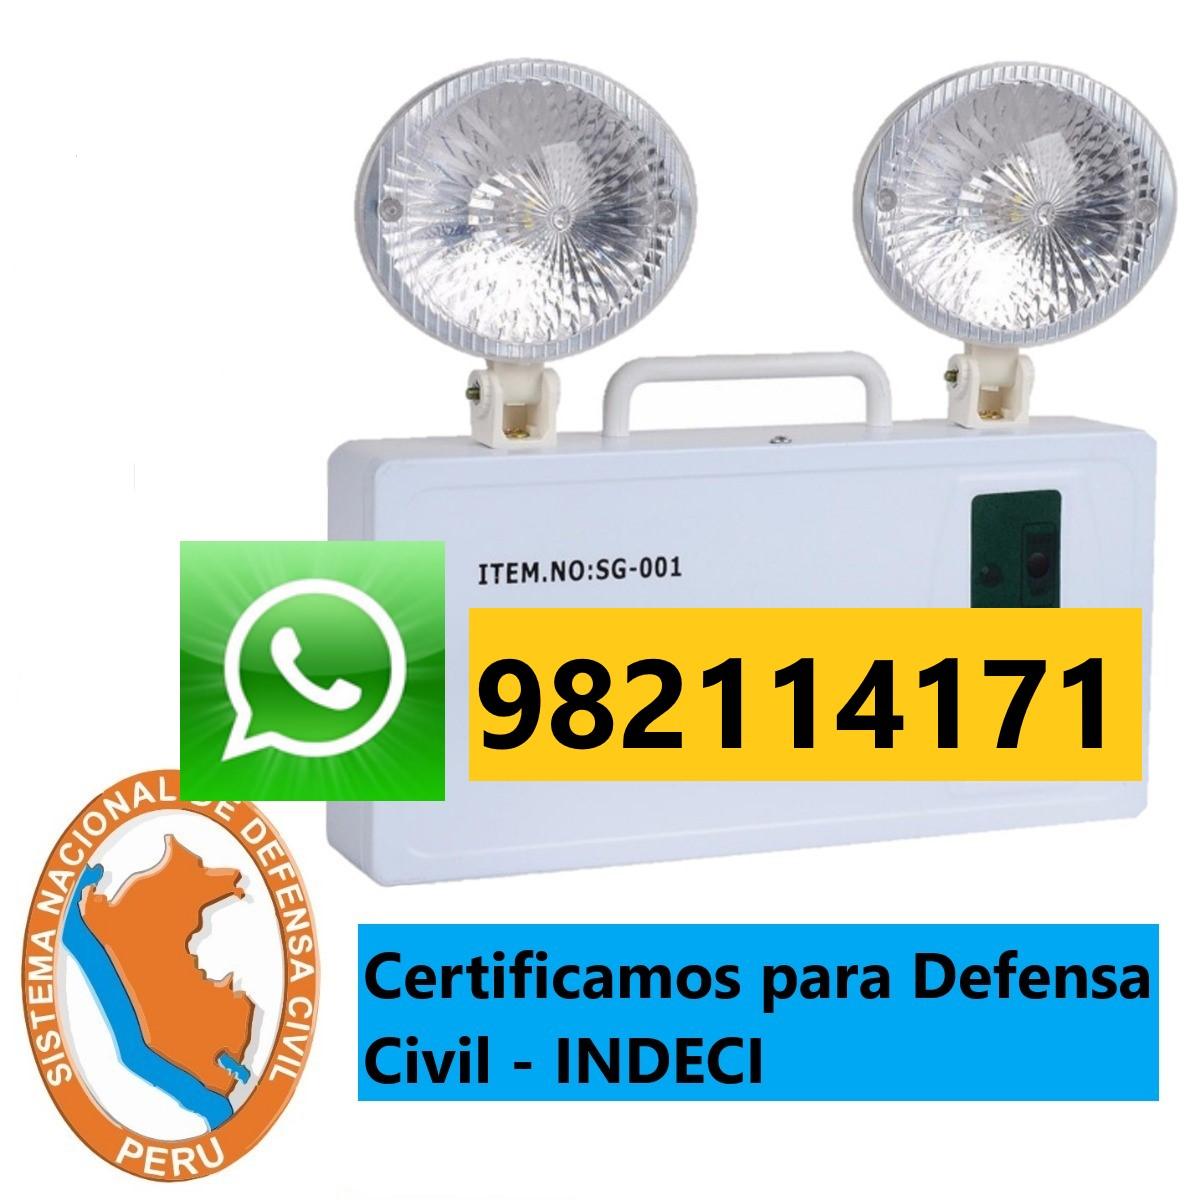 Mantenimiento, Instalacion, Certificado de Luces de Emergencia en San isidro, Miraflores, Surco, San Borja, La Molina, Lima, Callao